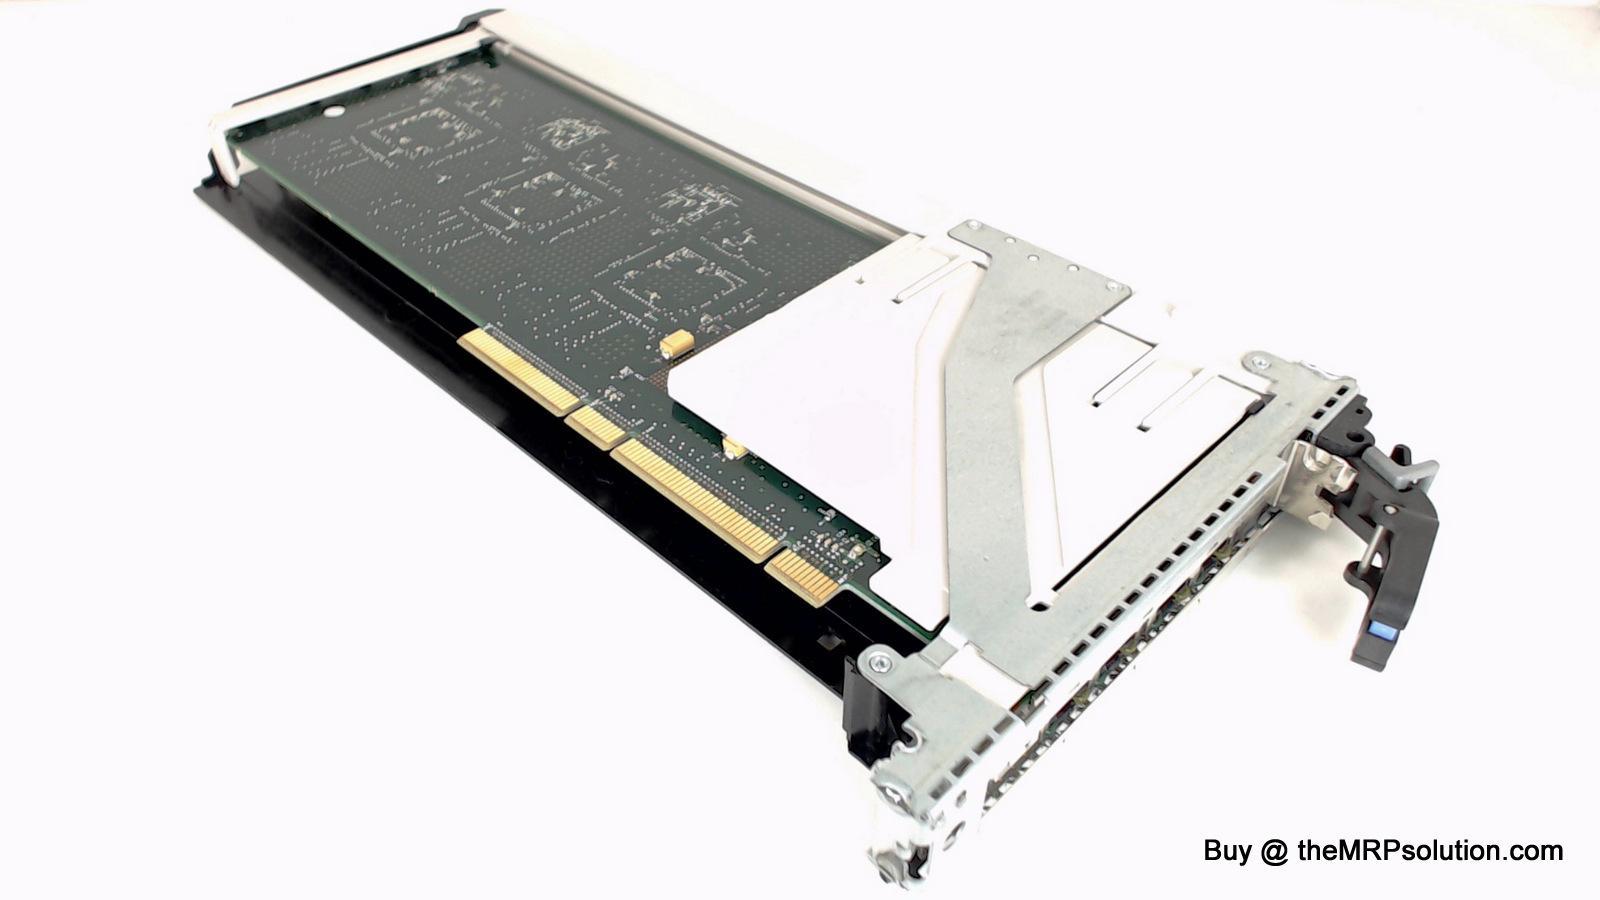 IBM 09P1421 4-PORT, 10/100 ETHERNET, A-E Refurbished